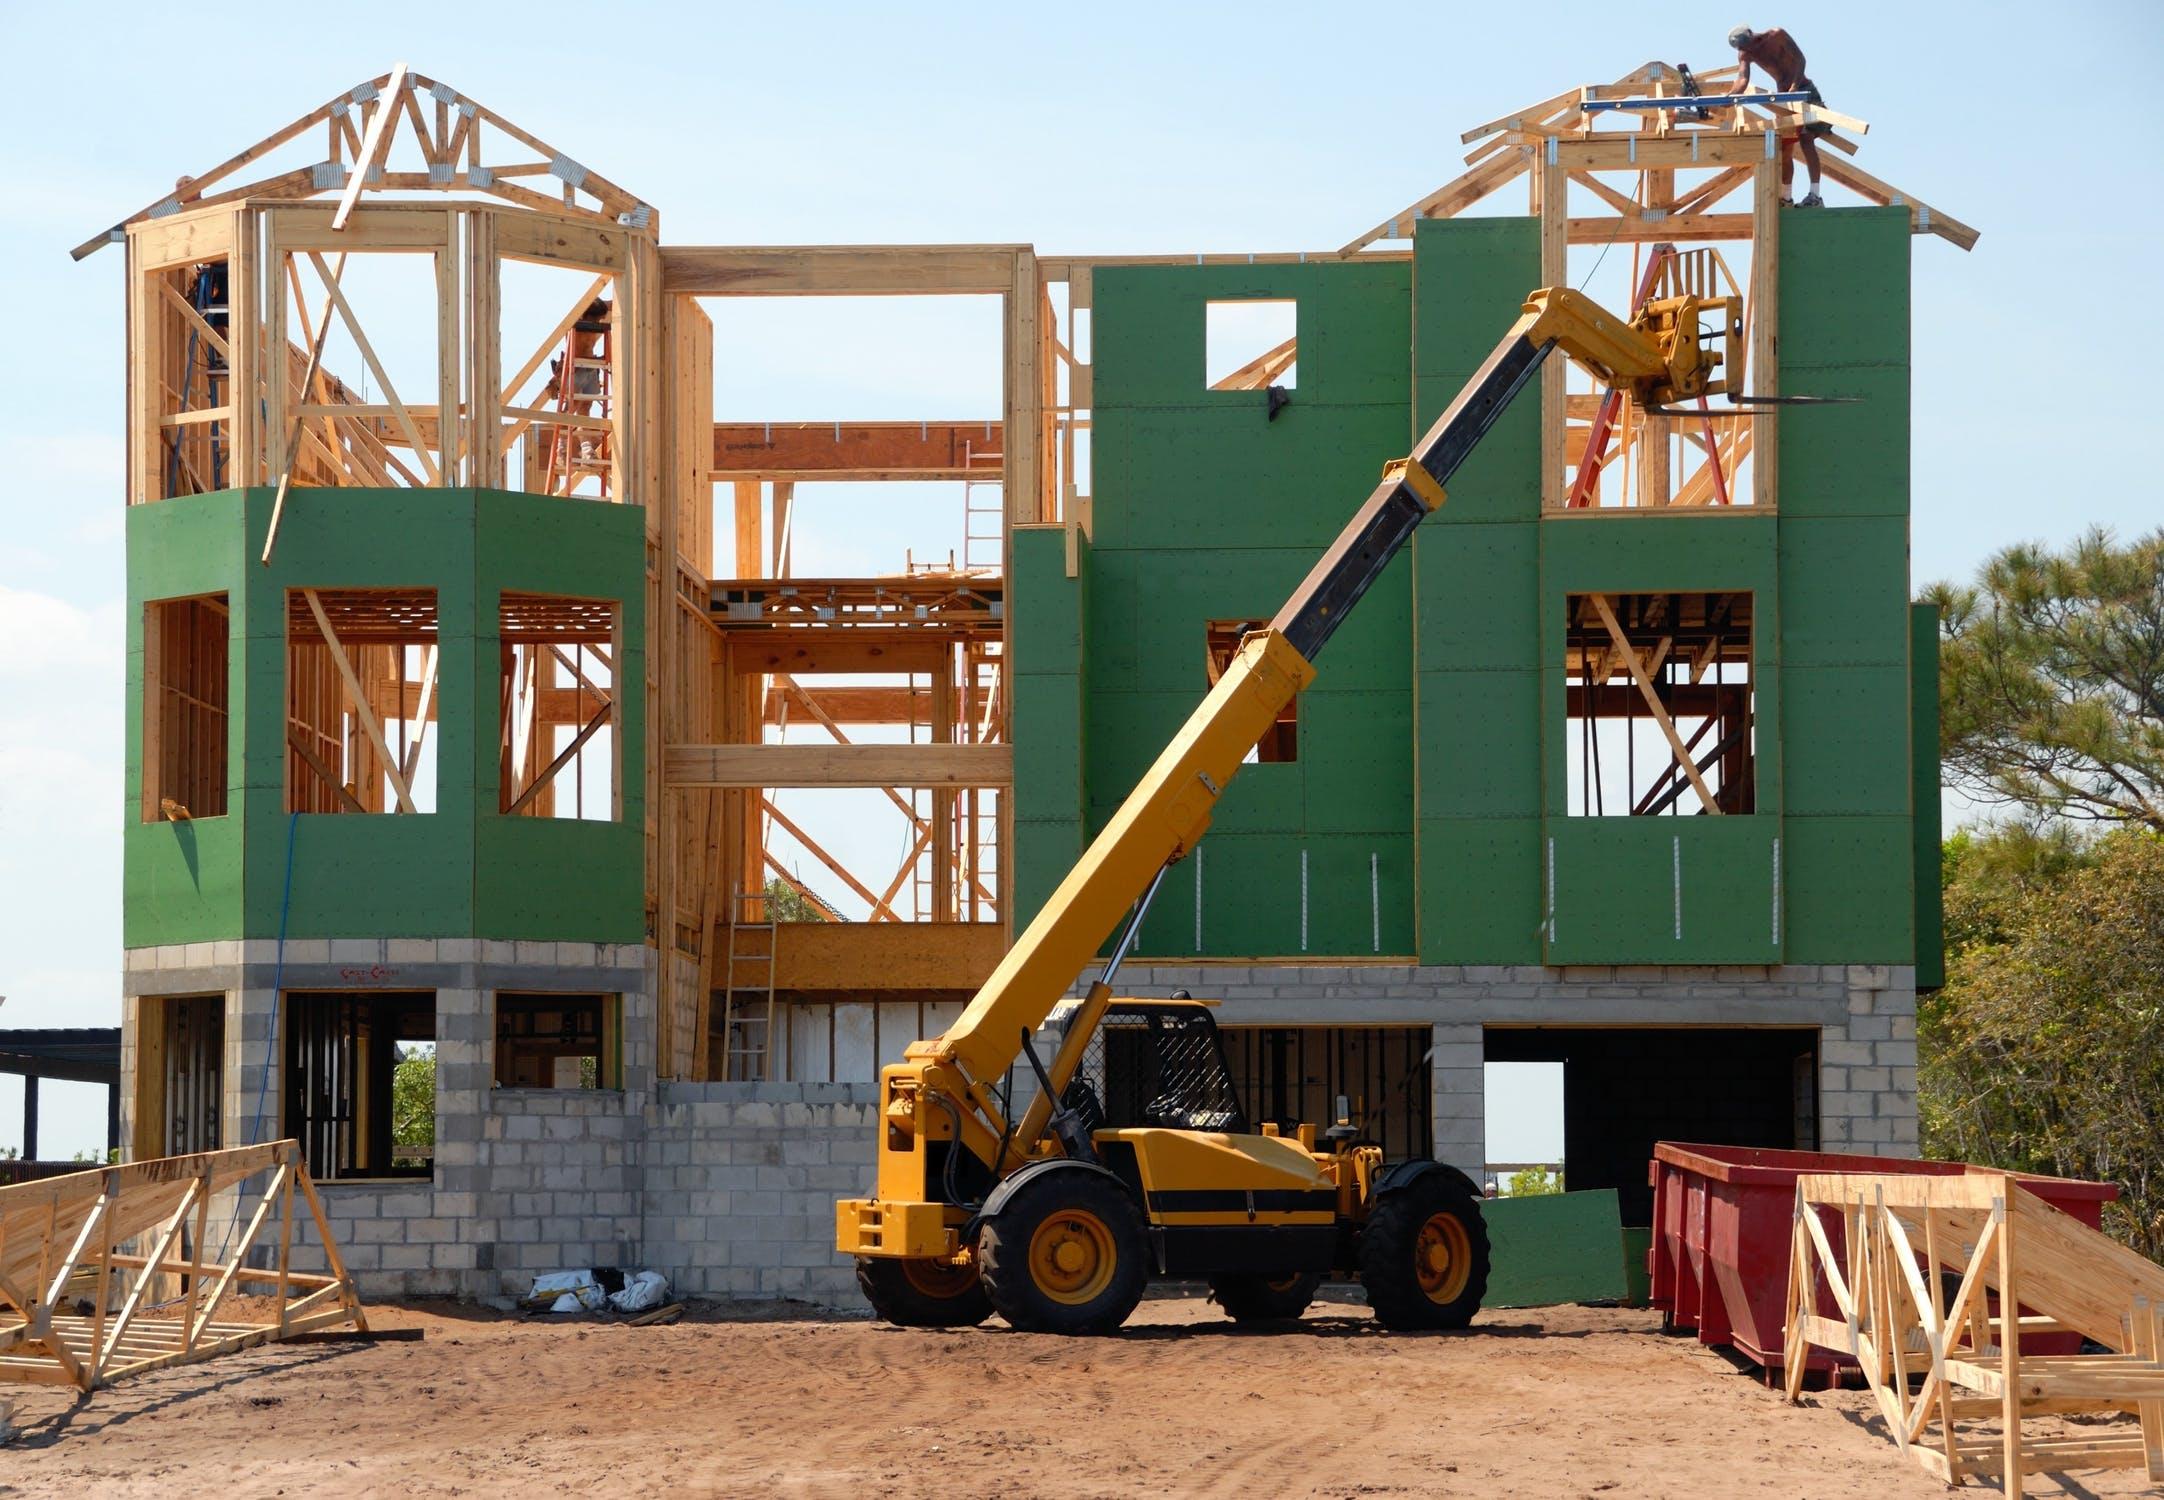 Chantier d'une maison en construction avec des engins de BTP